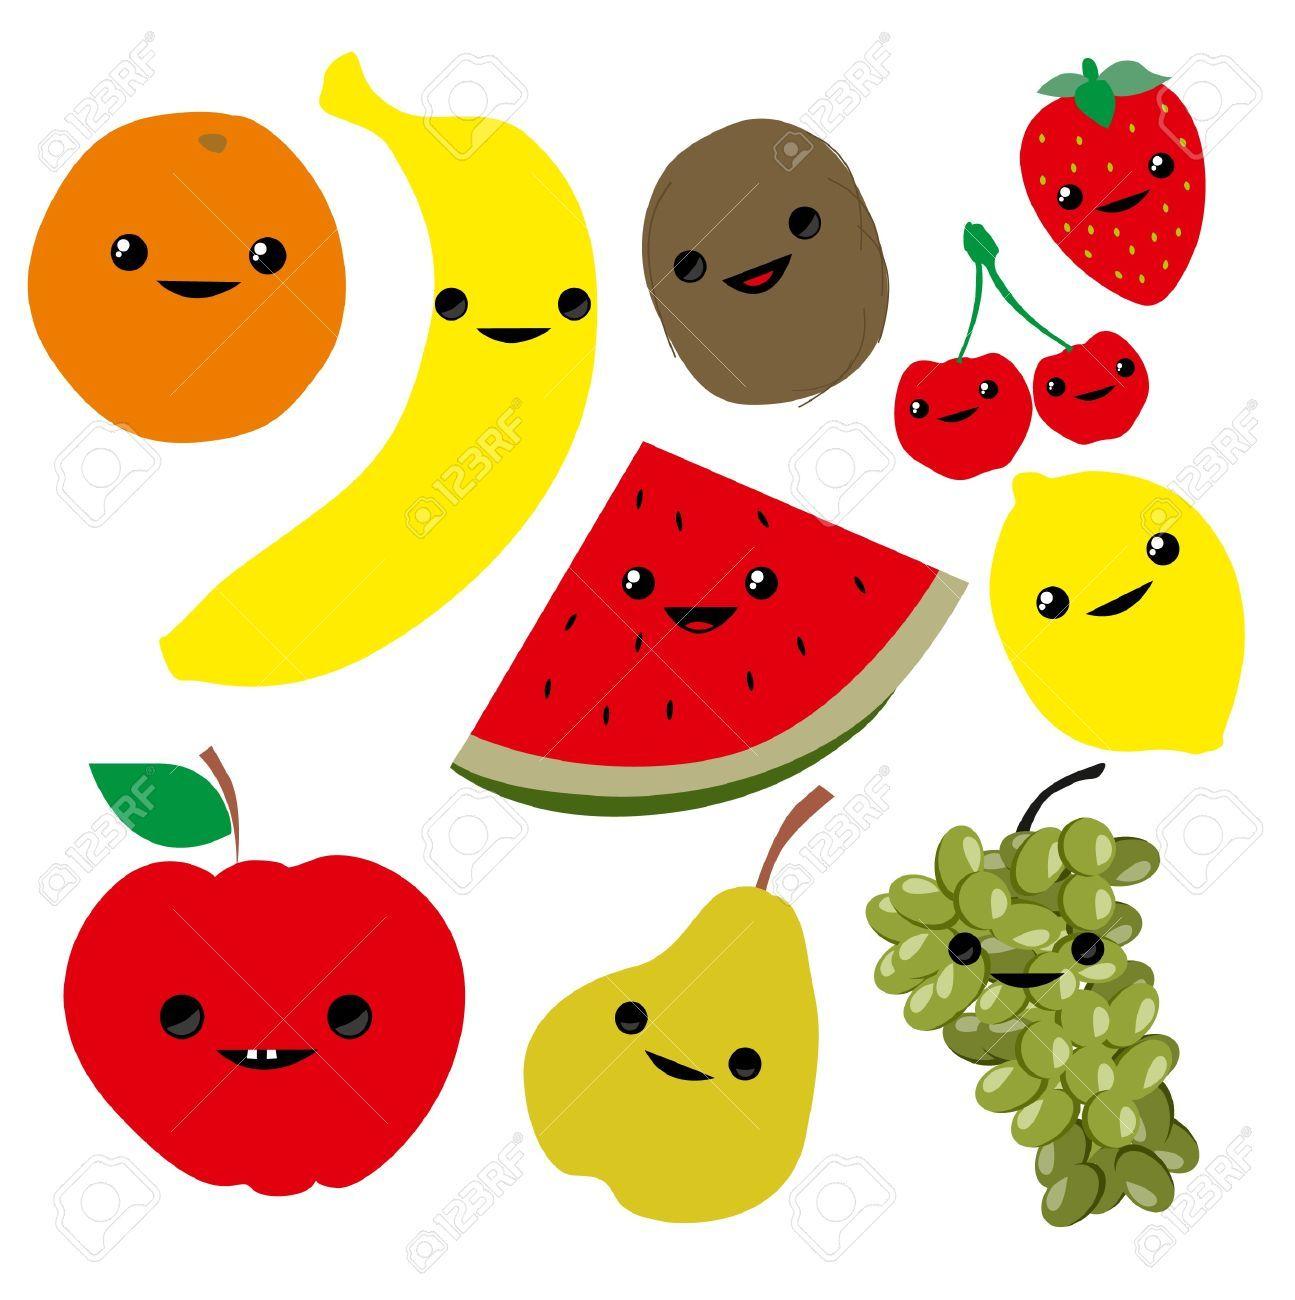 Niño Comiendo Fruta Imágenes De Archivo Vectores Niño